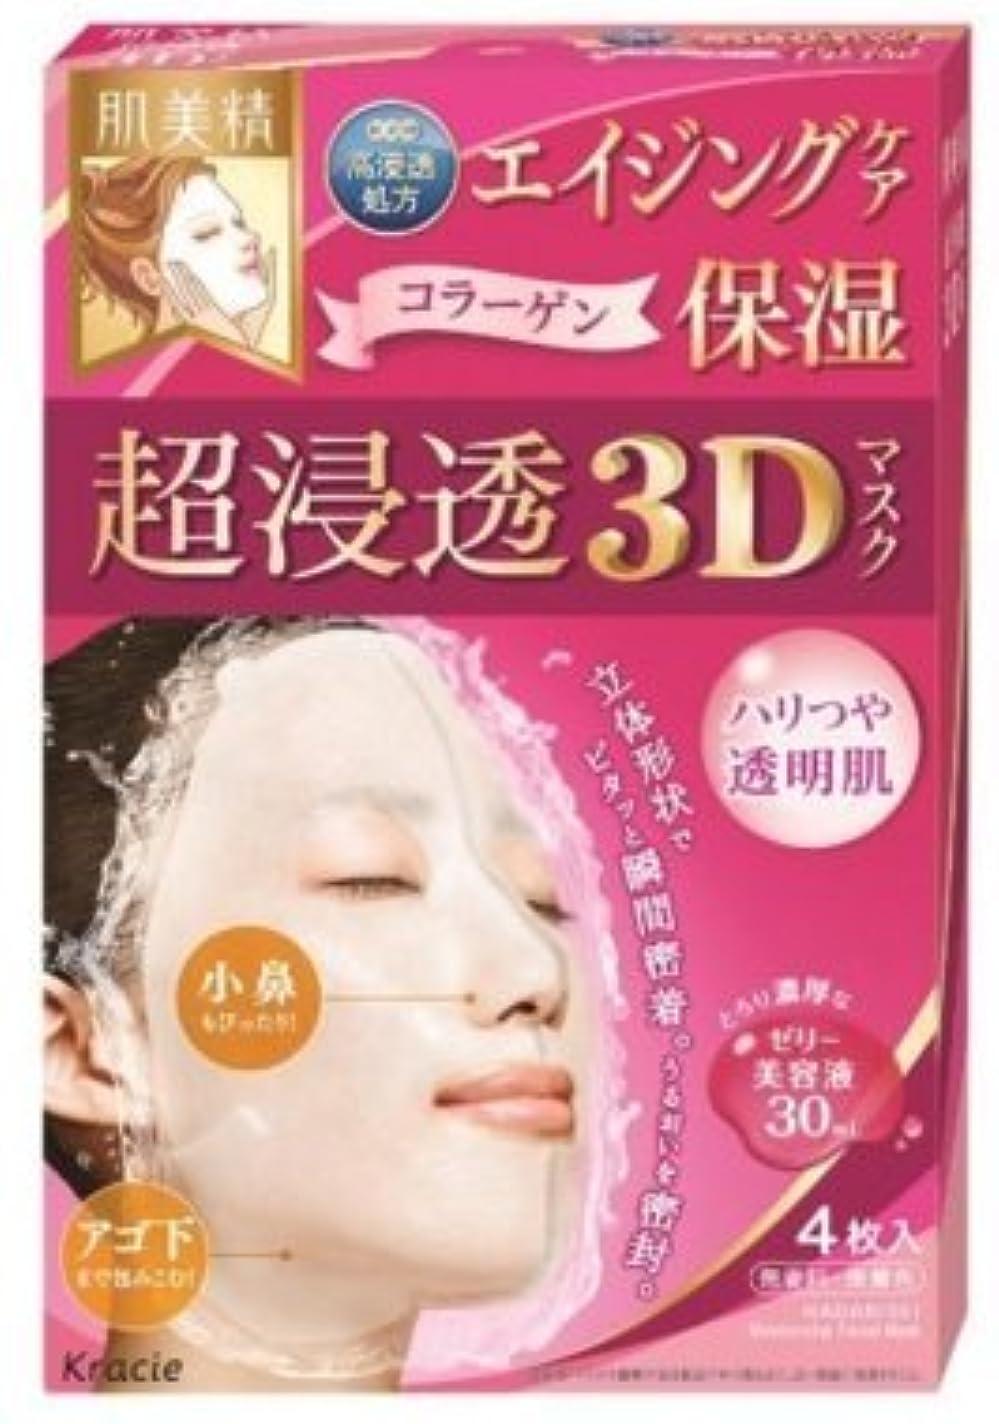 ソフィー支払い離れた肌美精 超浸透3Dマスク (エイジング保湿) 4枚×3個セット